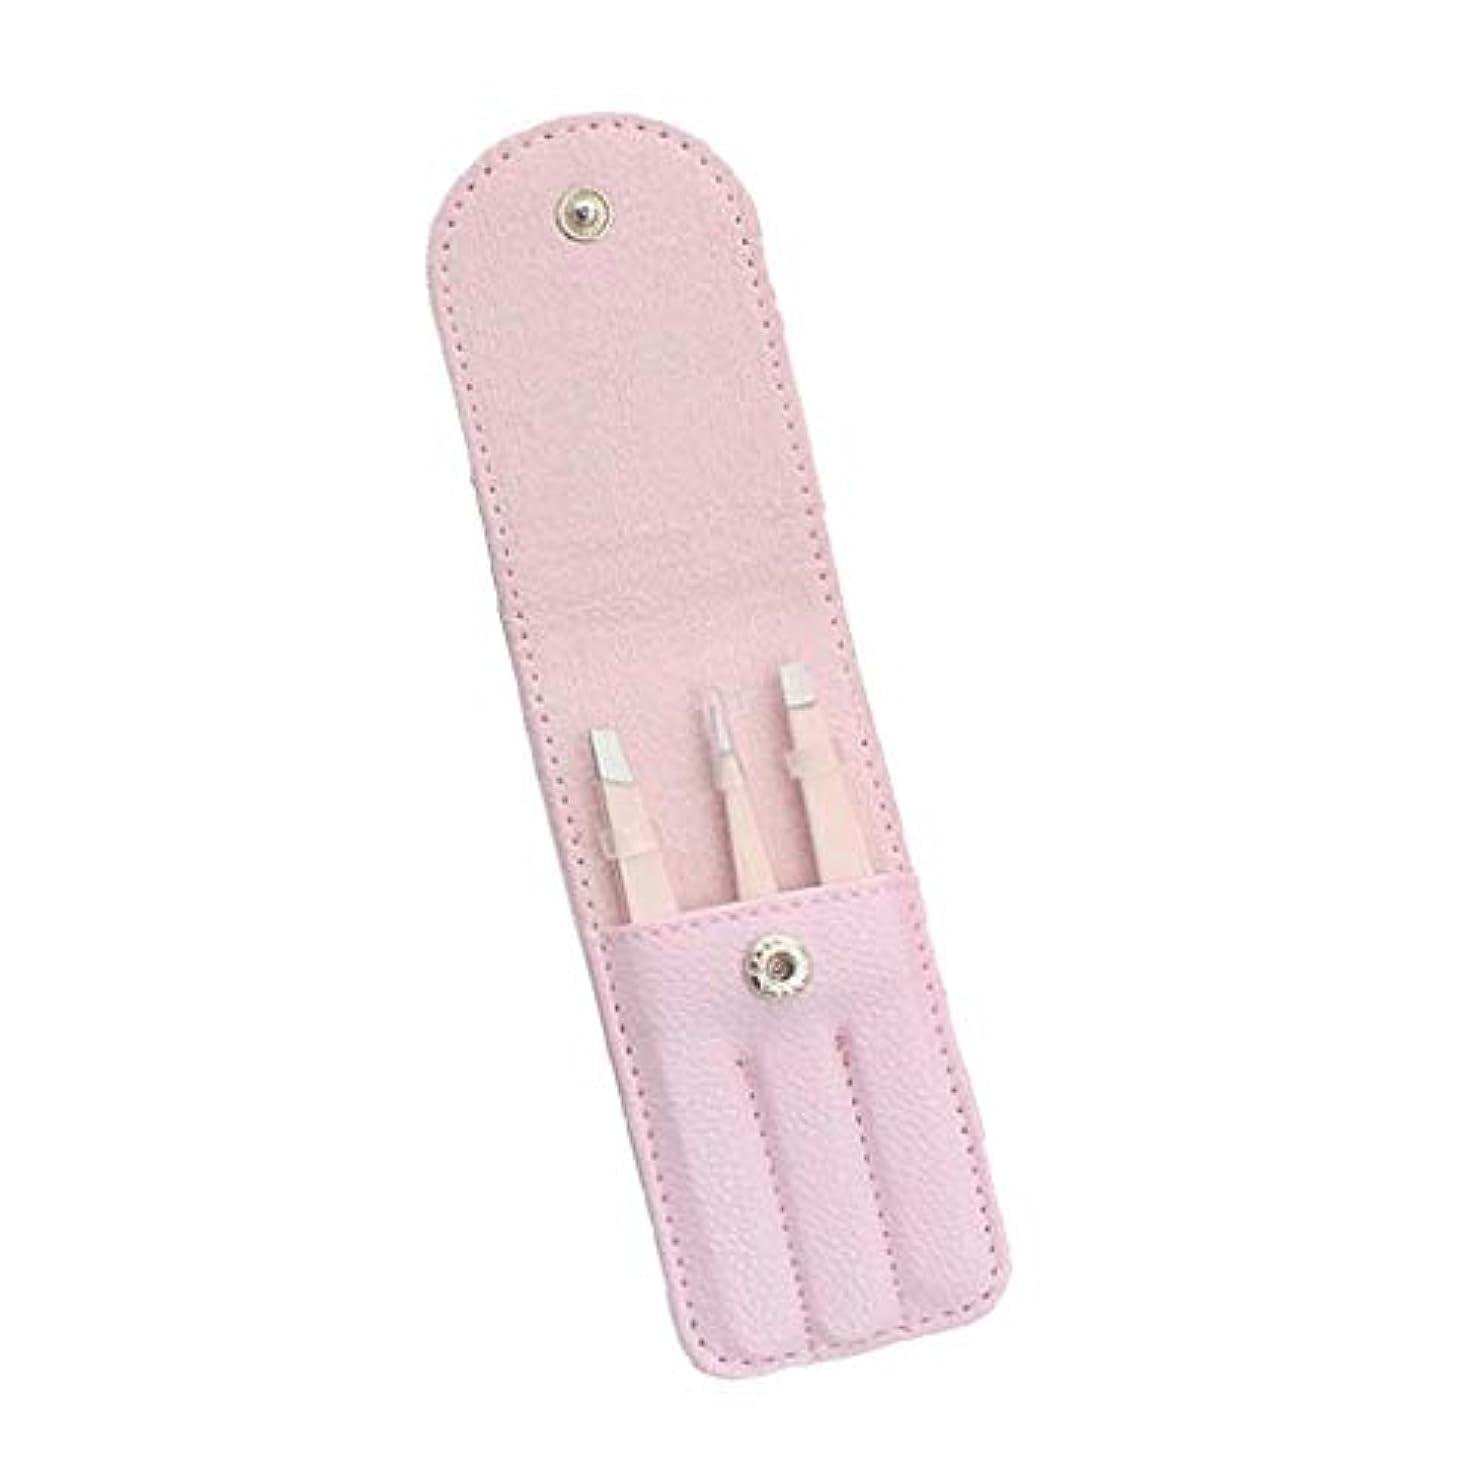 火炎休暇噛む眉毛ピンセット 毛抜き 眉毛クリップ ステンレス鋼 収納バッグ付 プロ用 家庭用 3個 全4色 - ピンク